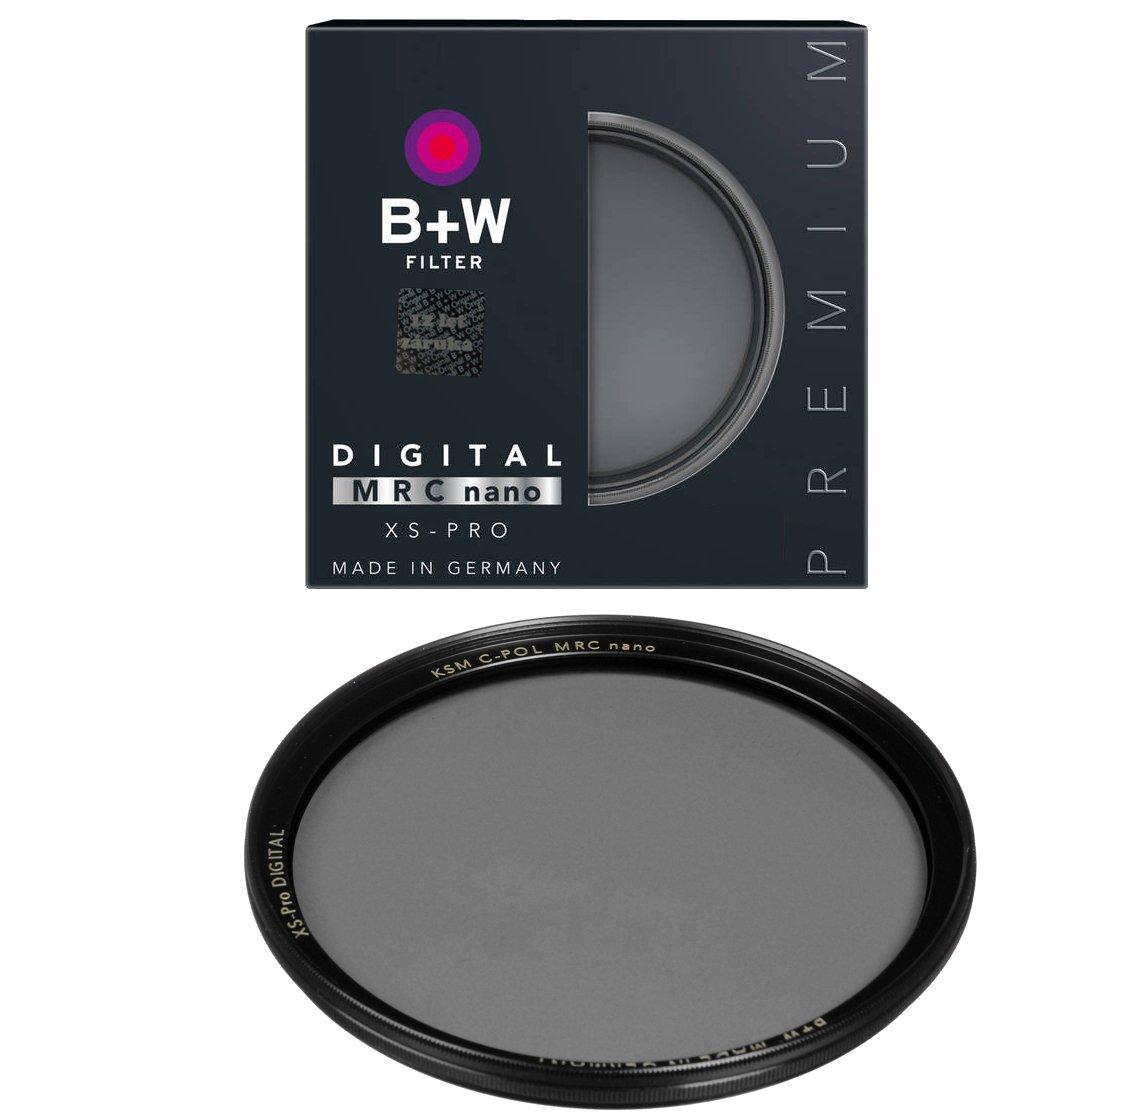 B+W filtr Polarizační cirkulární KSM XS-Pro HTC Digital MRC nano 55 mm